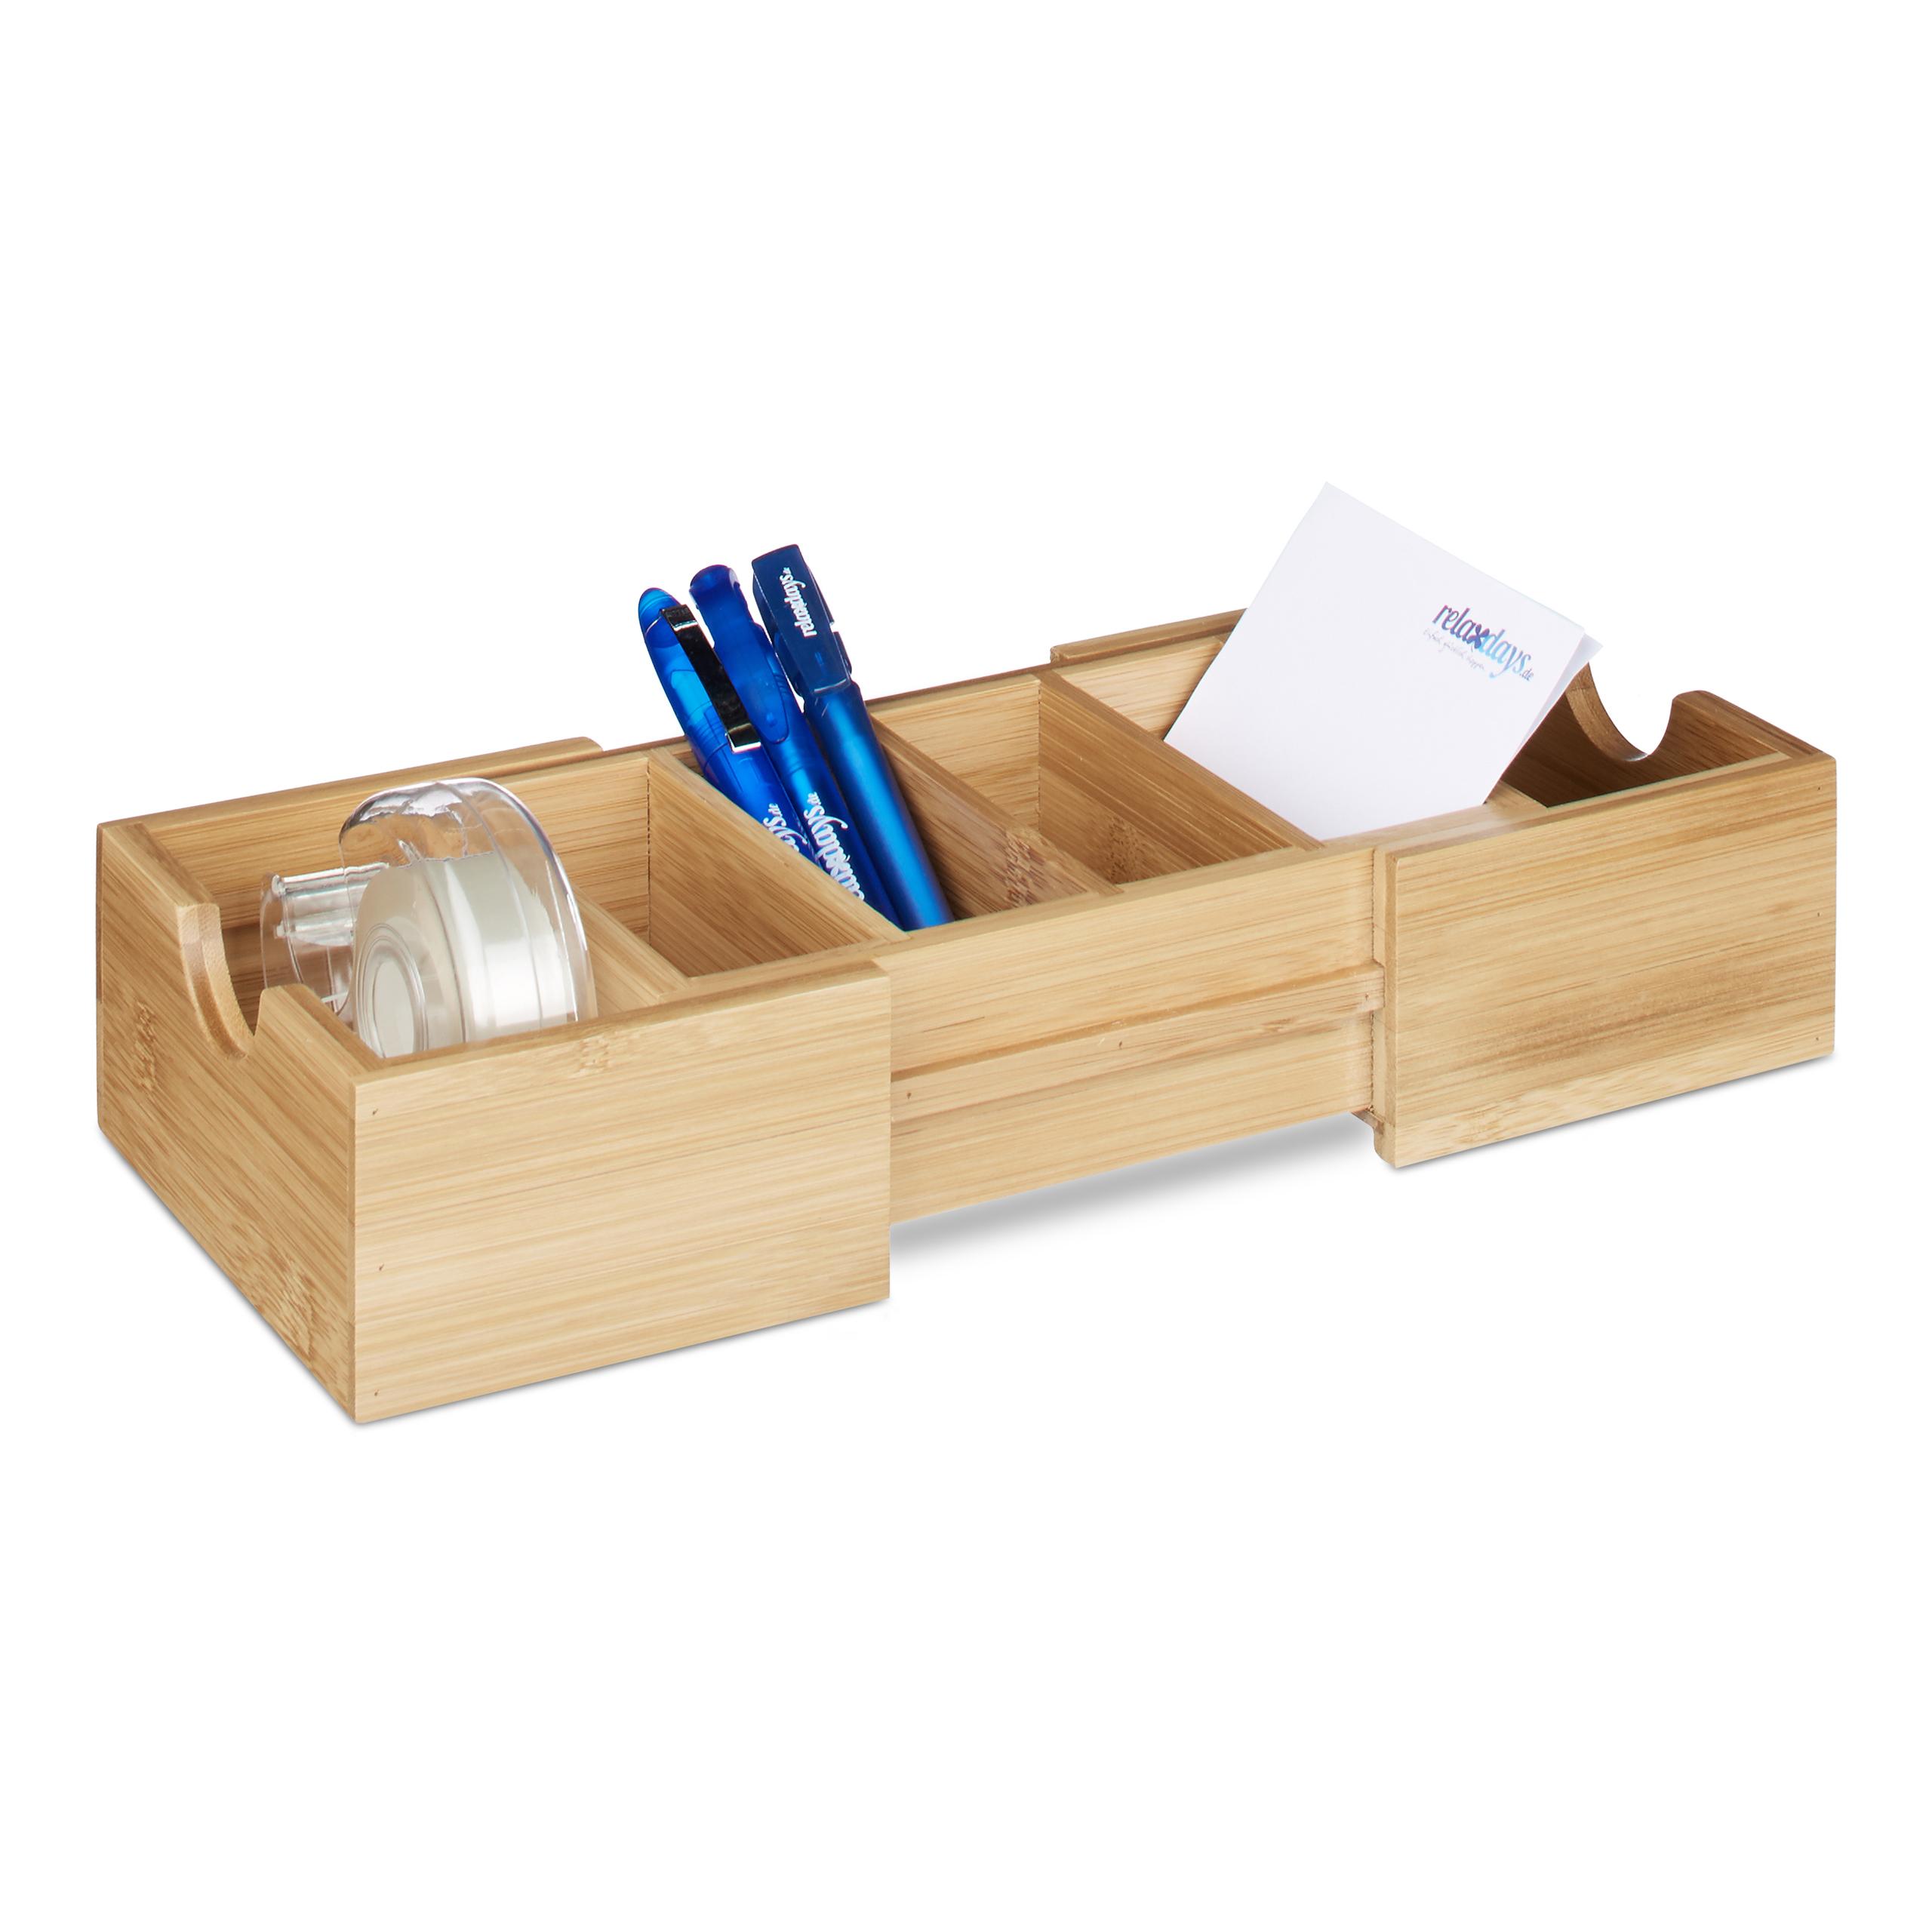 Karteikasten-DIN-A8-Holz-natuerlich-Karteikartensystem-Lernbox-Visitenkartenbox Indexbild 3